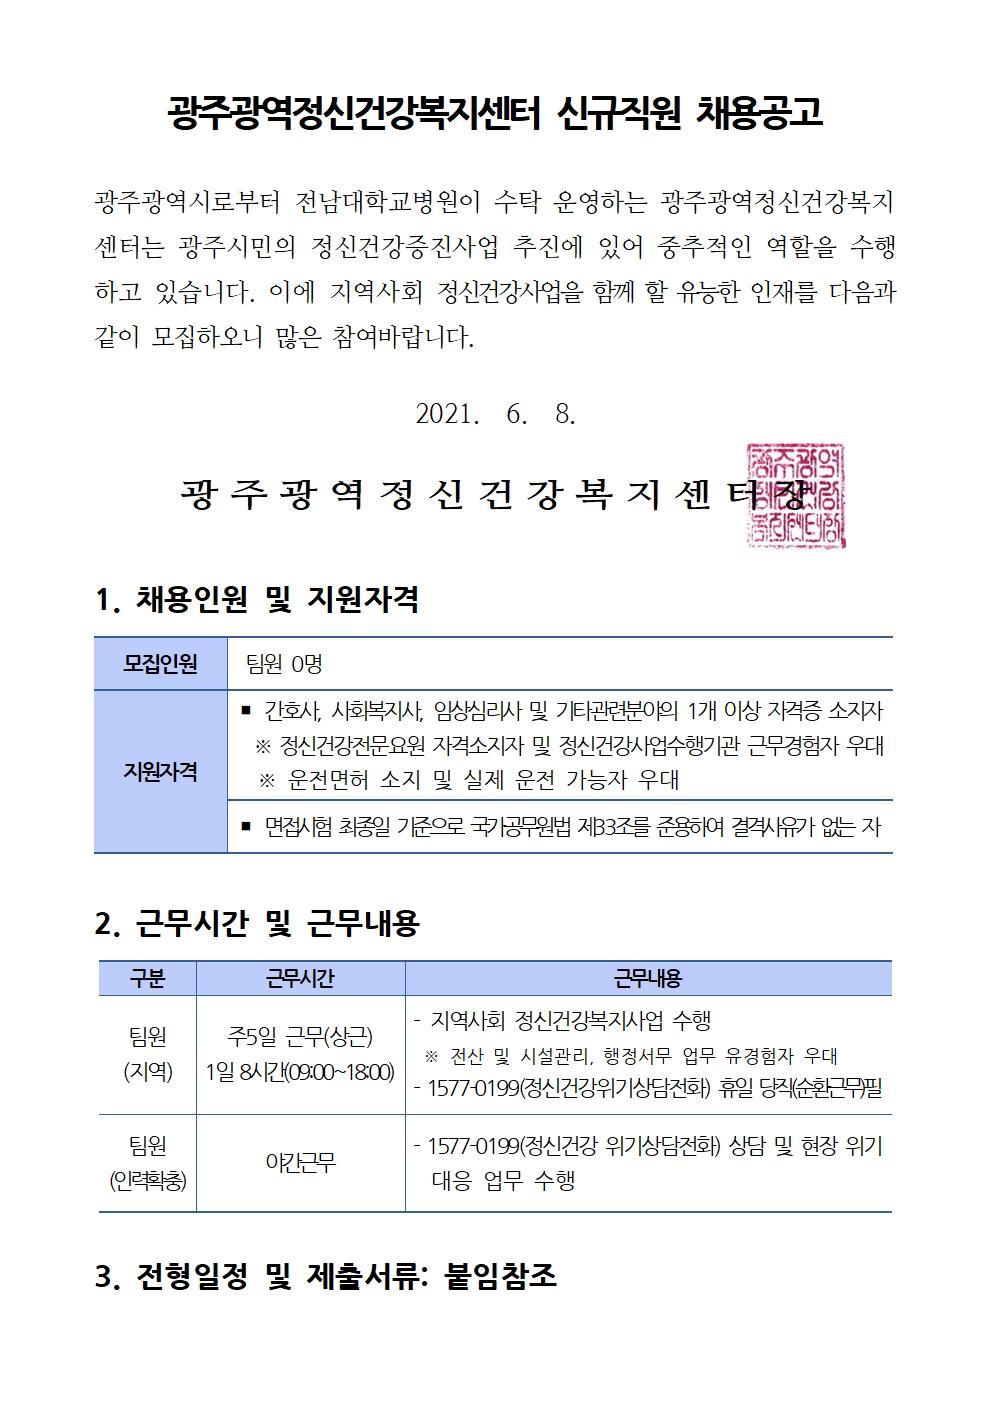 [공고용] 광주광역정신건강복지센터 신규직원 채용공고.jpg